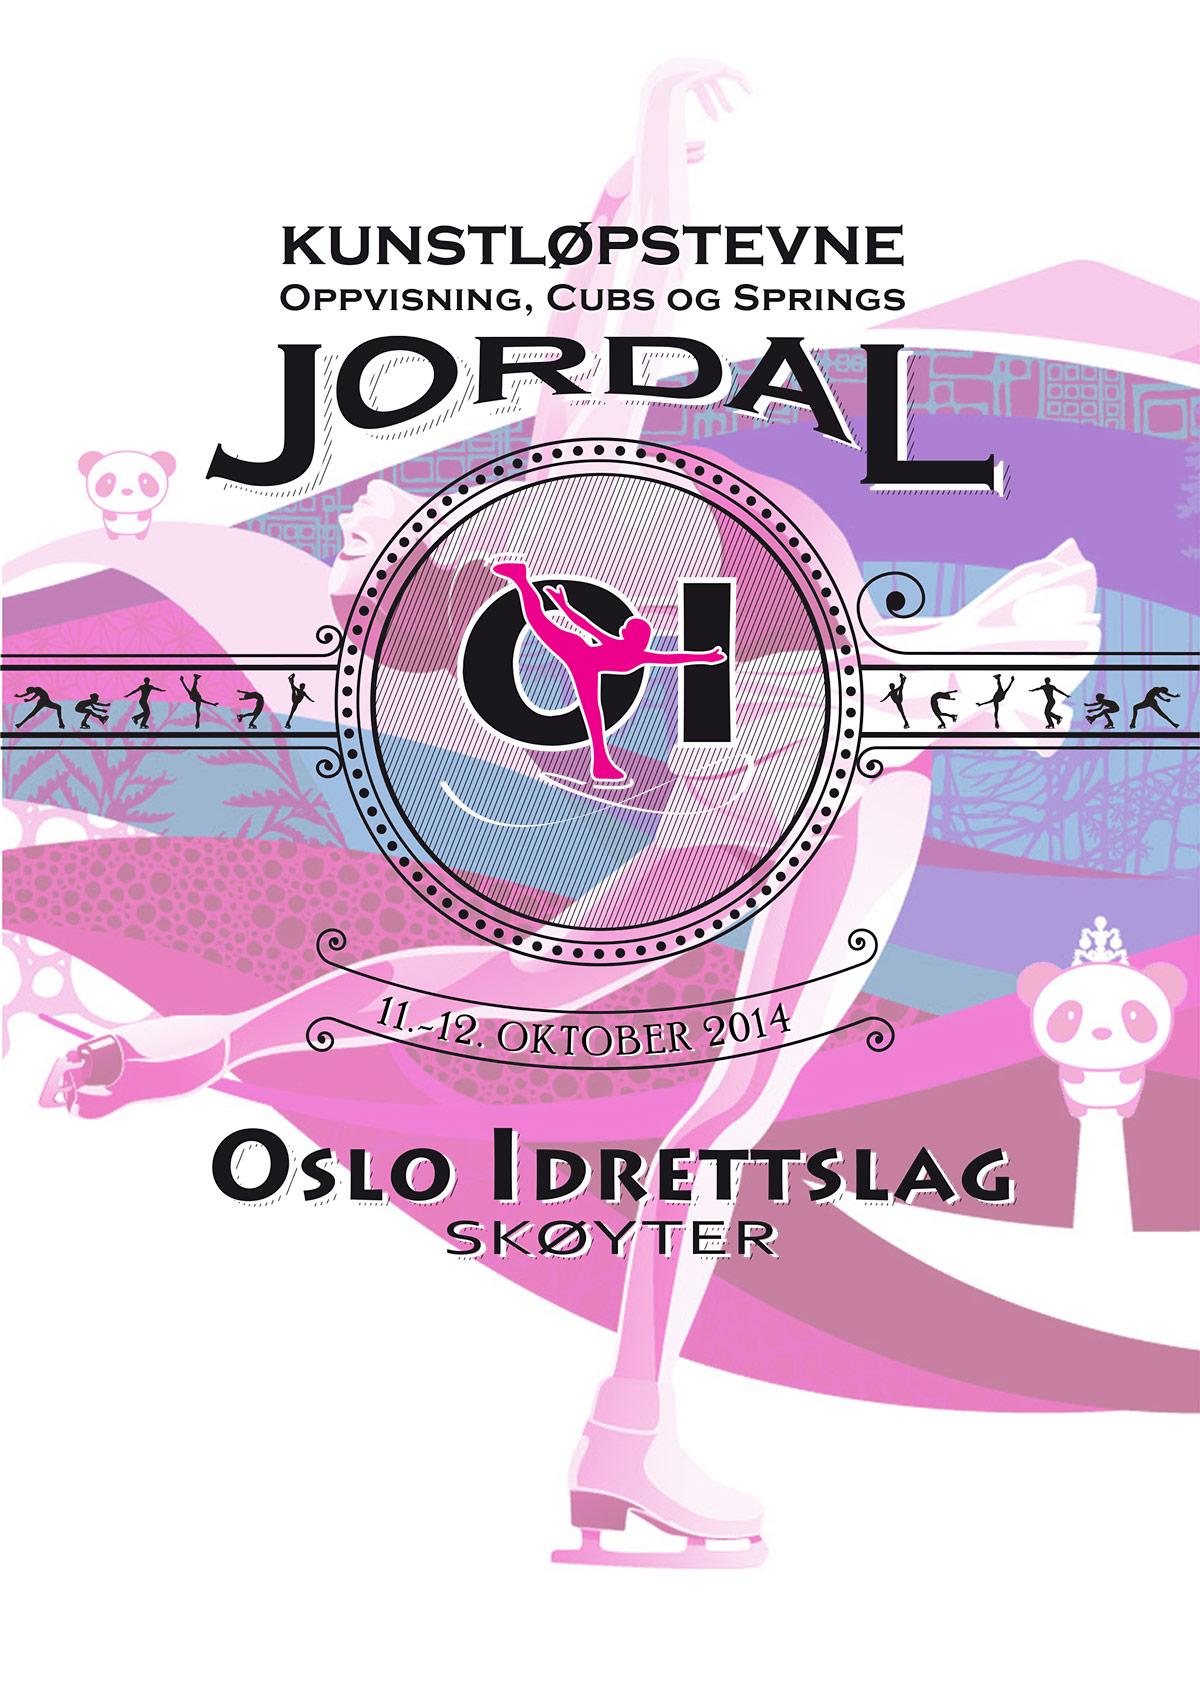 invitasjon_OI_stevne_oktober_2014